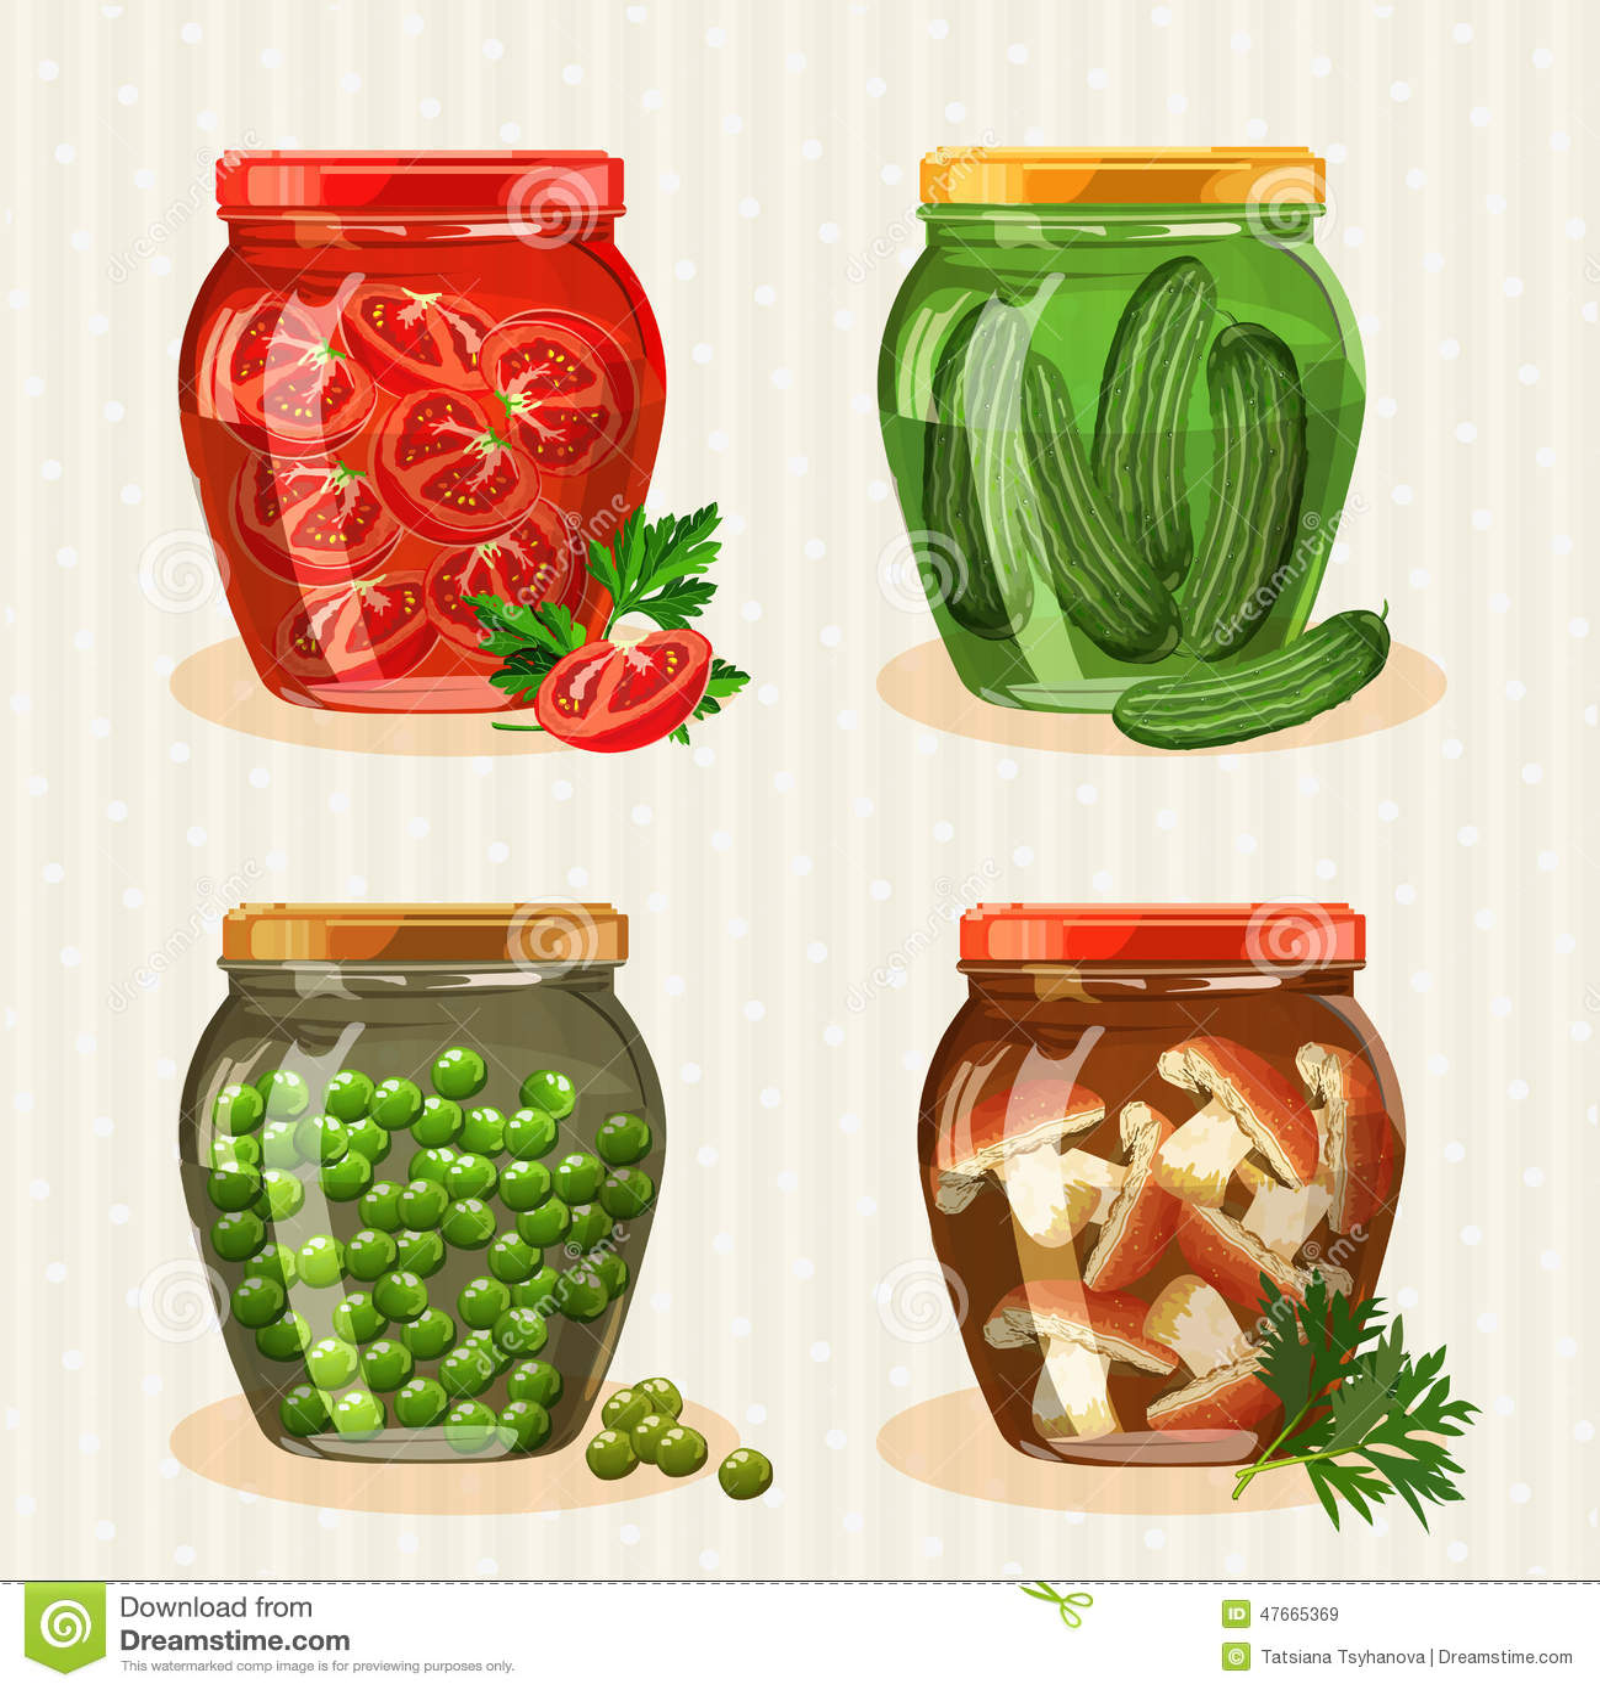 Овощи в банках рисунки